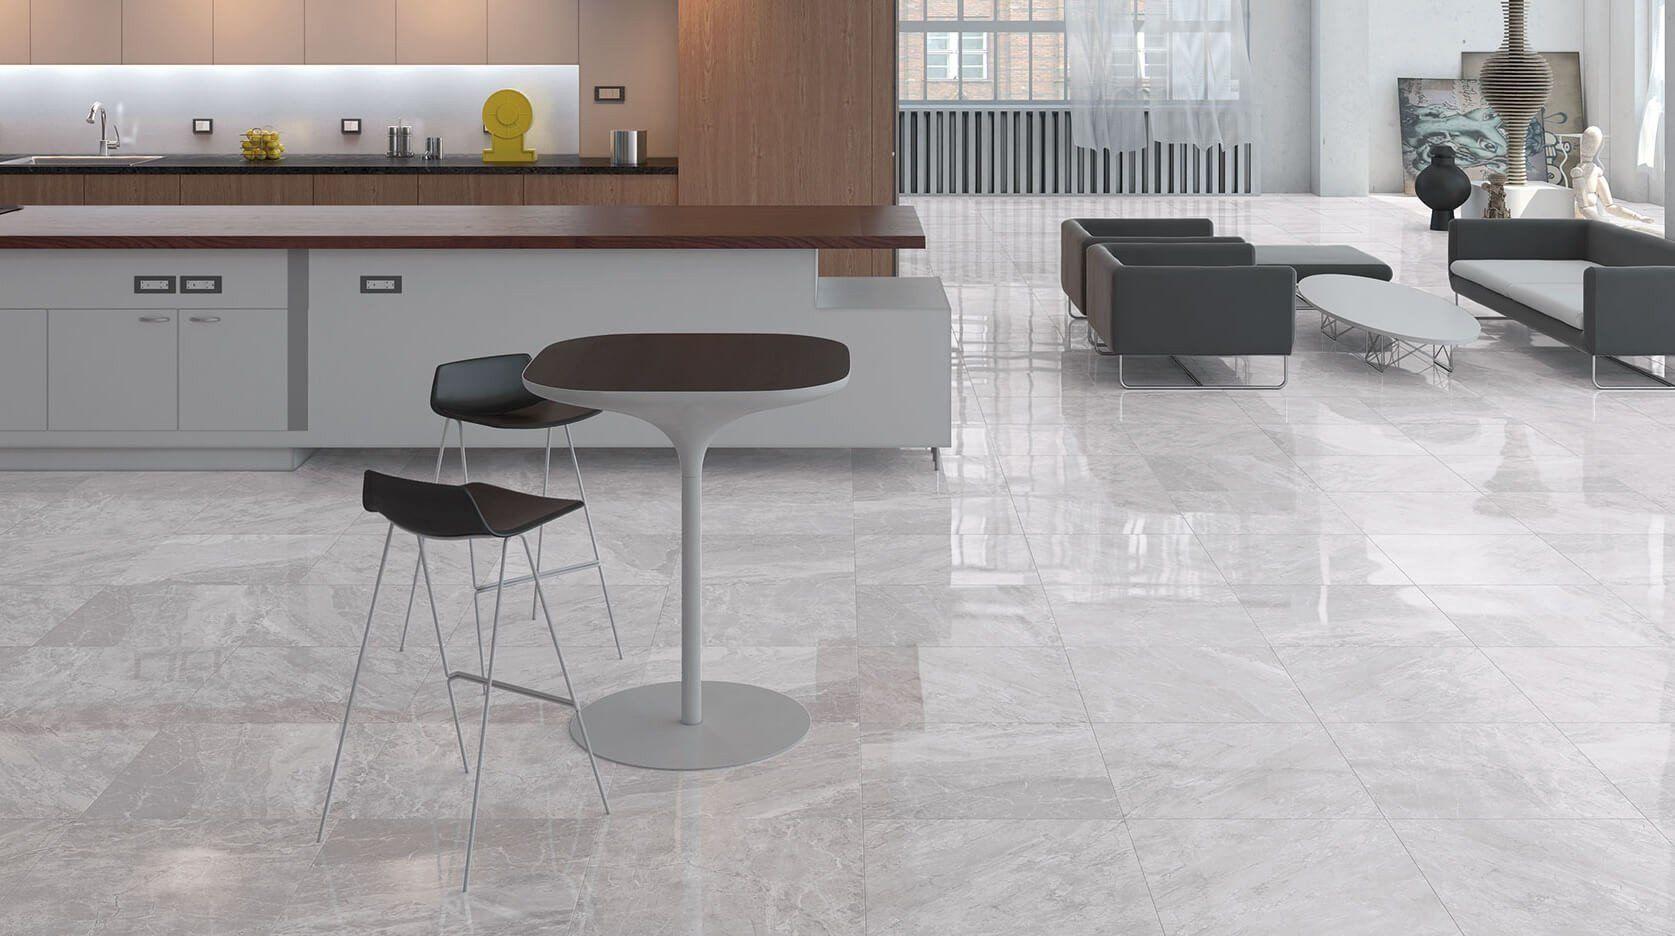 Wood Flooring Laminate Tiles Accessories Marble Flooring Design Home Decor Condo Living